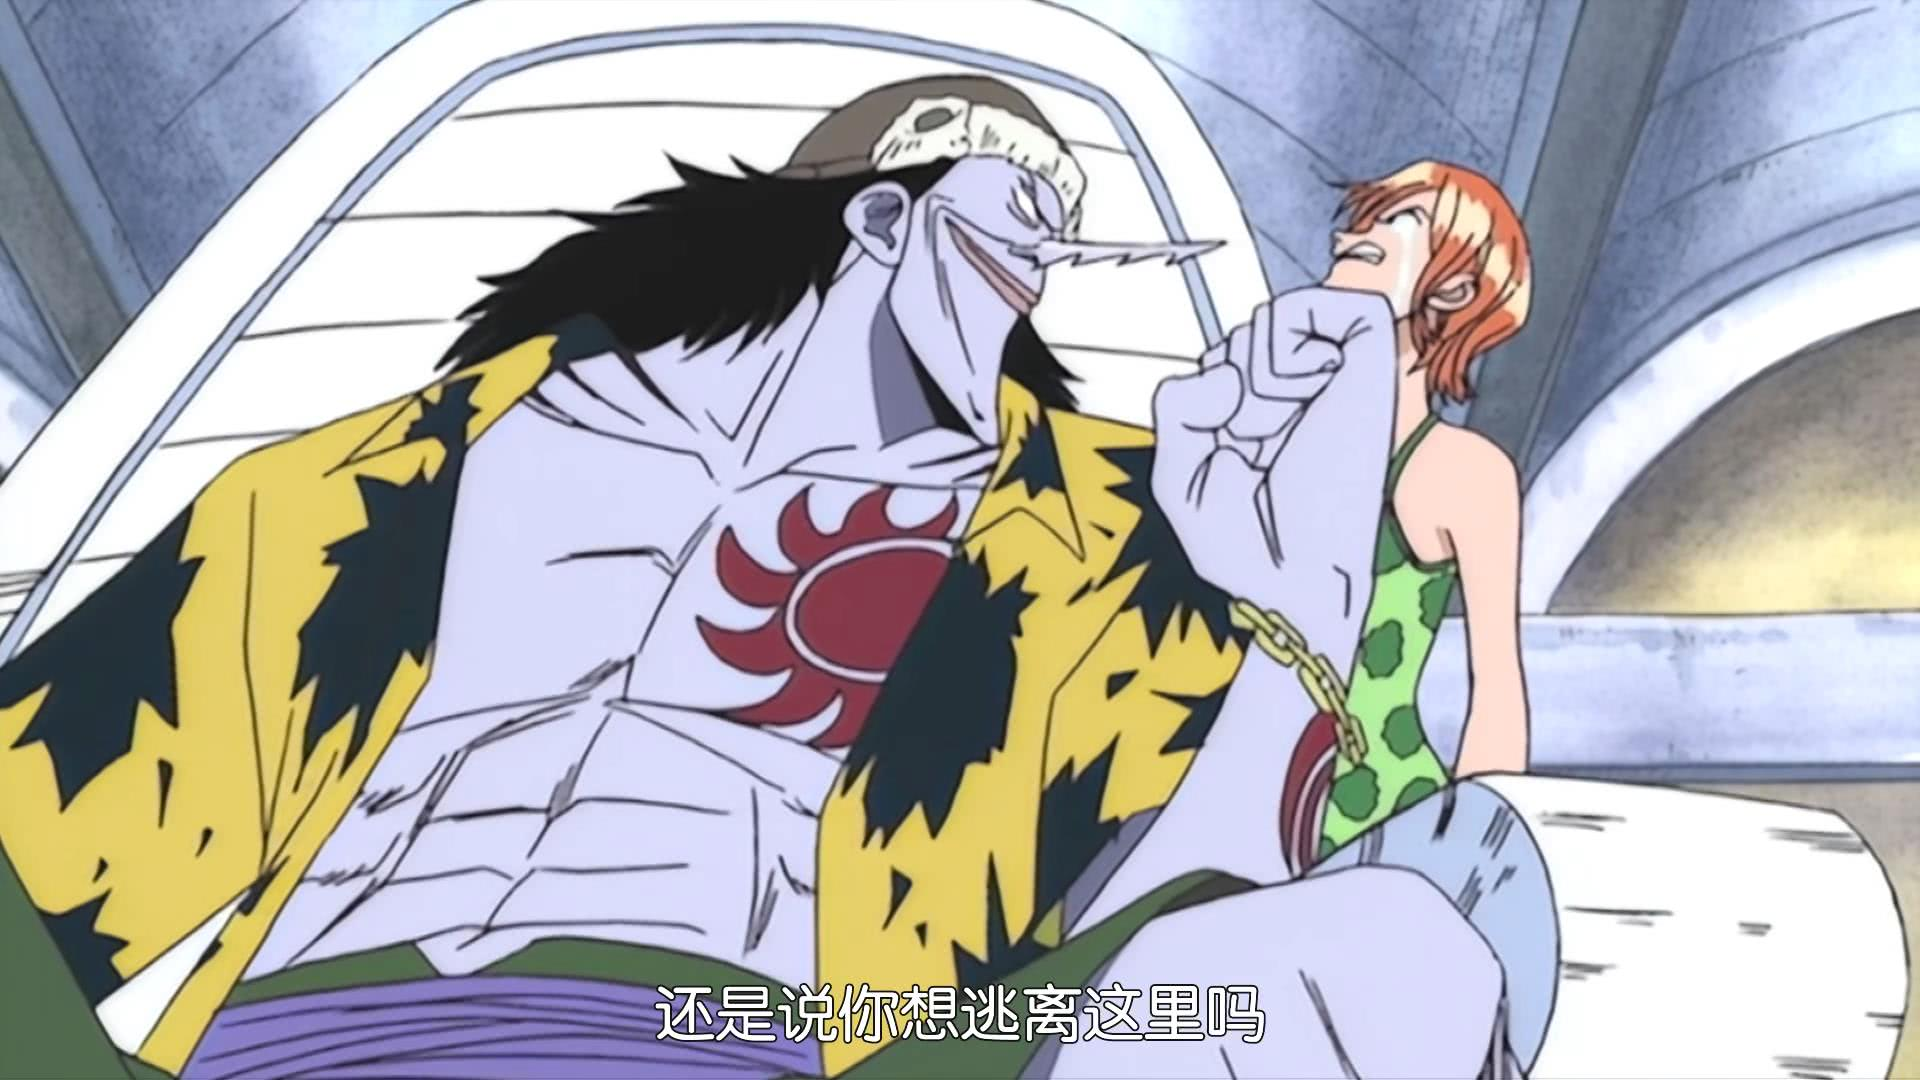 海贼王:这五个人你会原谅?你看他们对娜美干了啥?